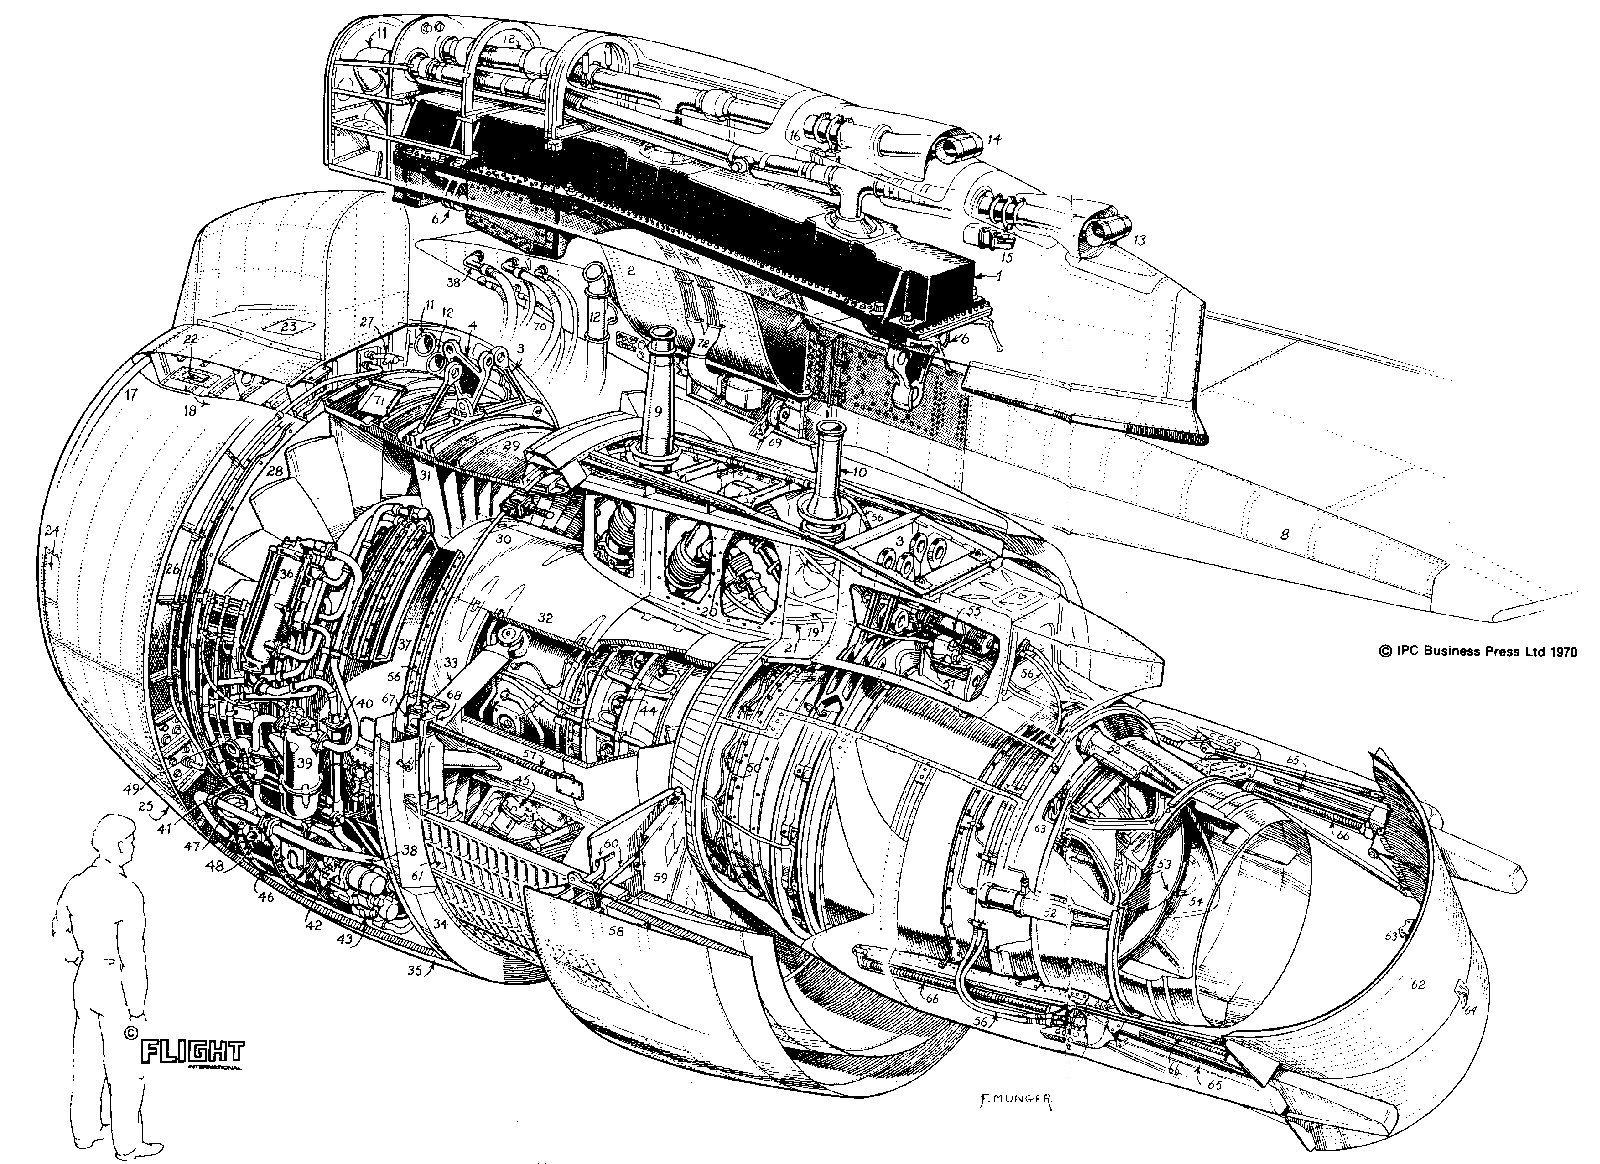 spaceship cutaway diagram 18 hp intek engine nasa space shuttle pics about